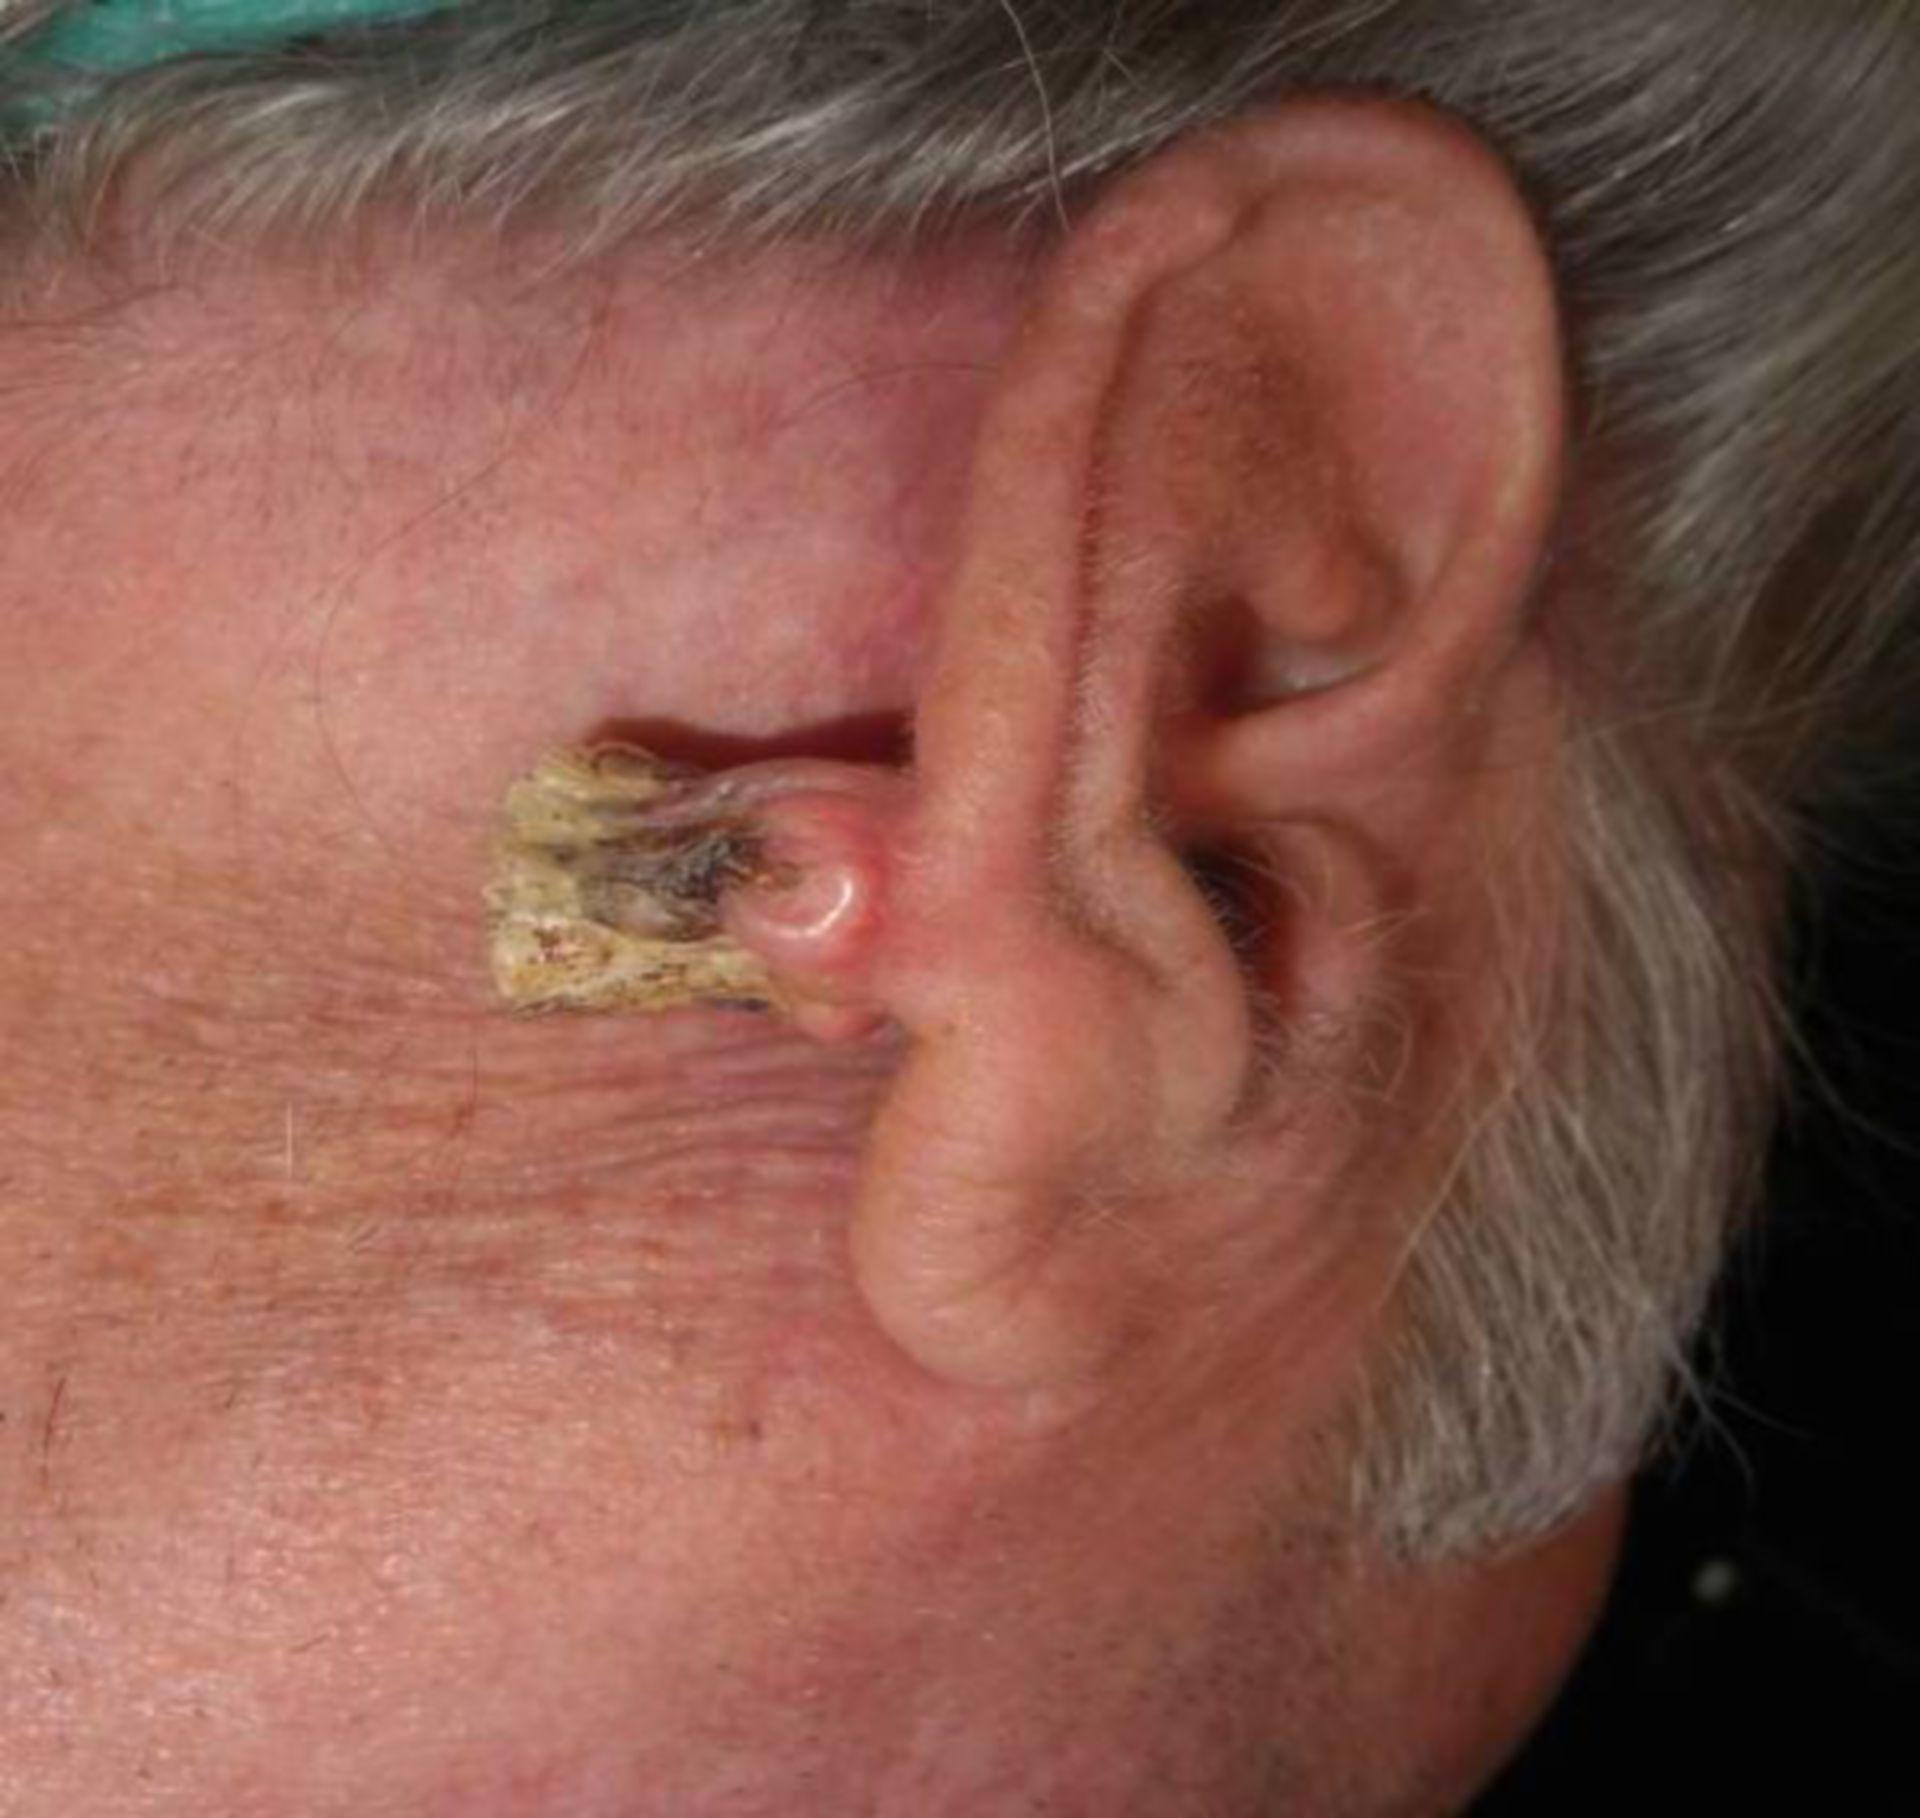 Tumor rechte Ohrmuschel